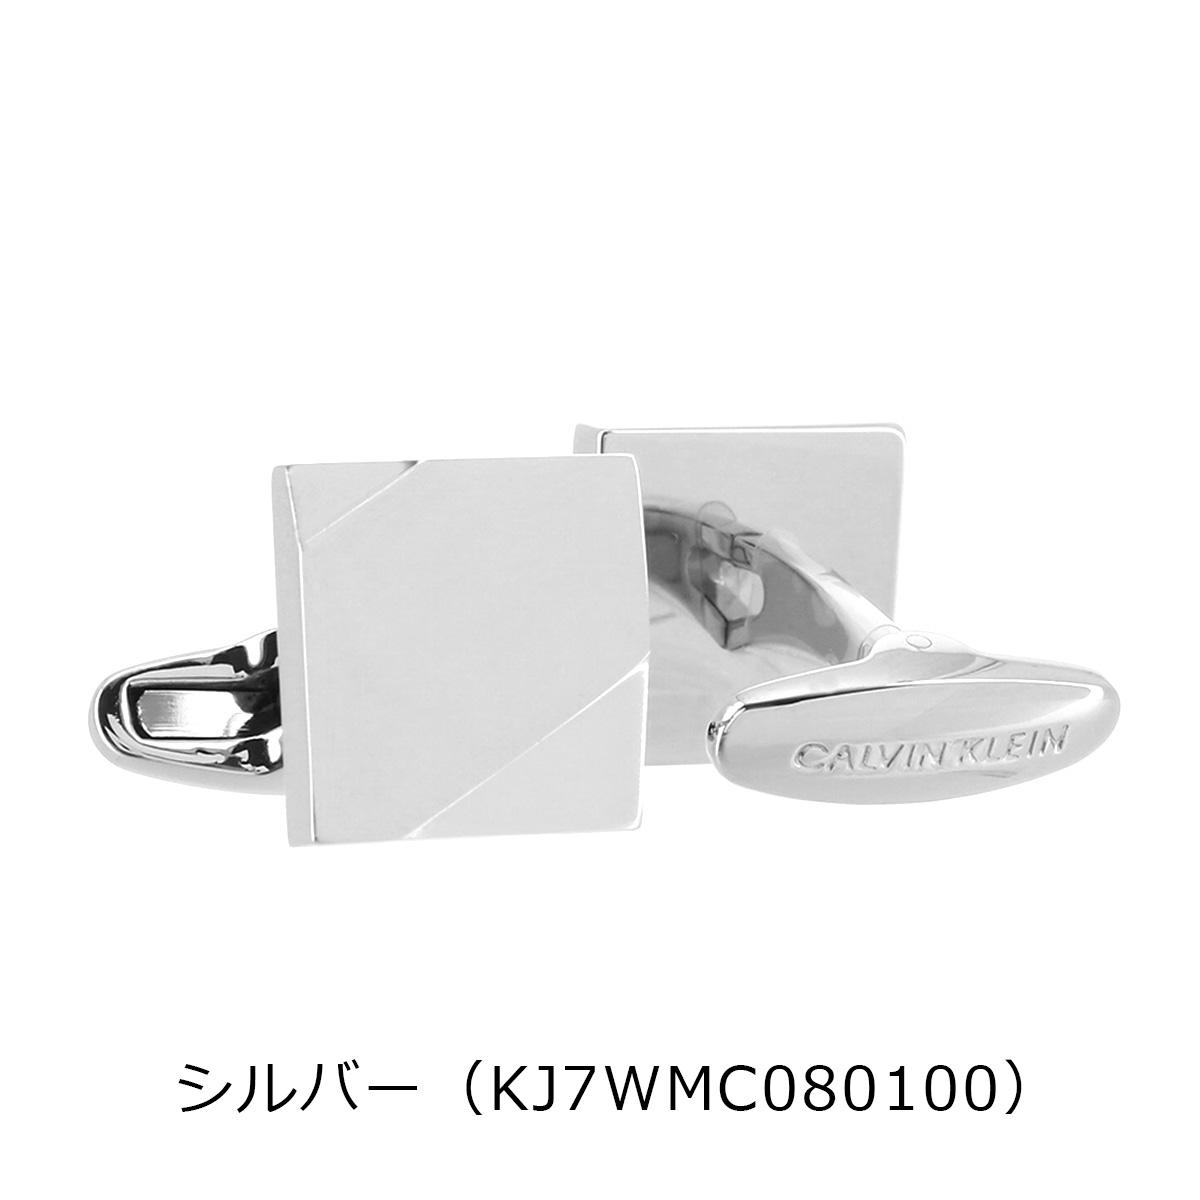 シルバー(KJ7WMC080100)